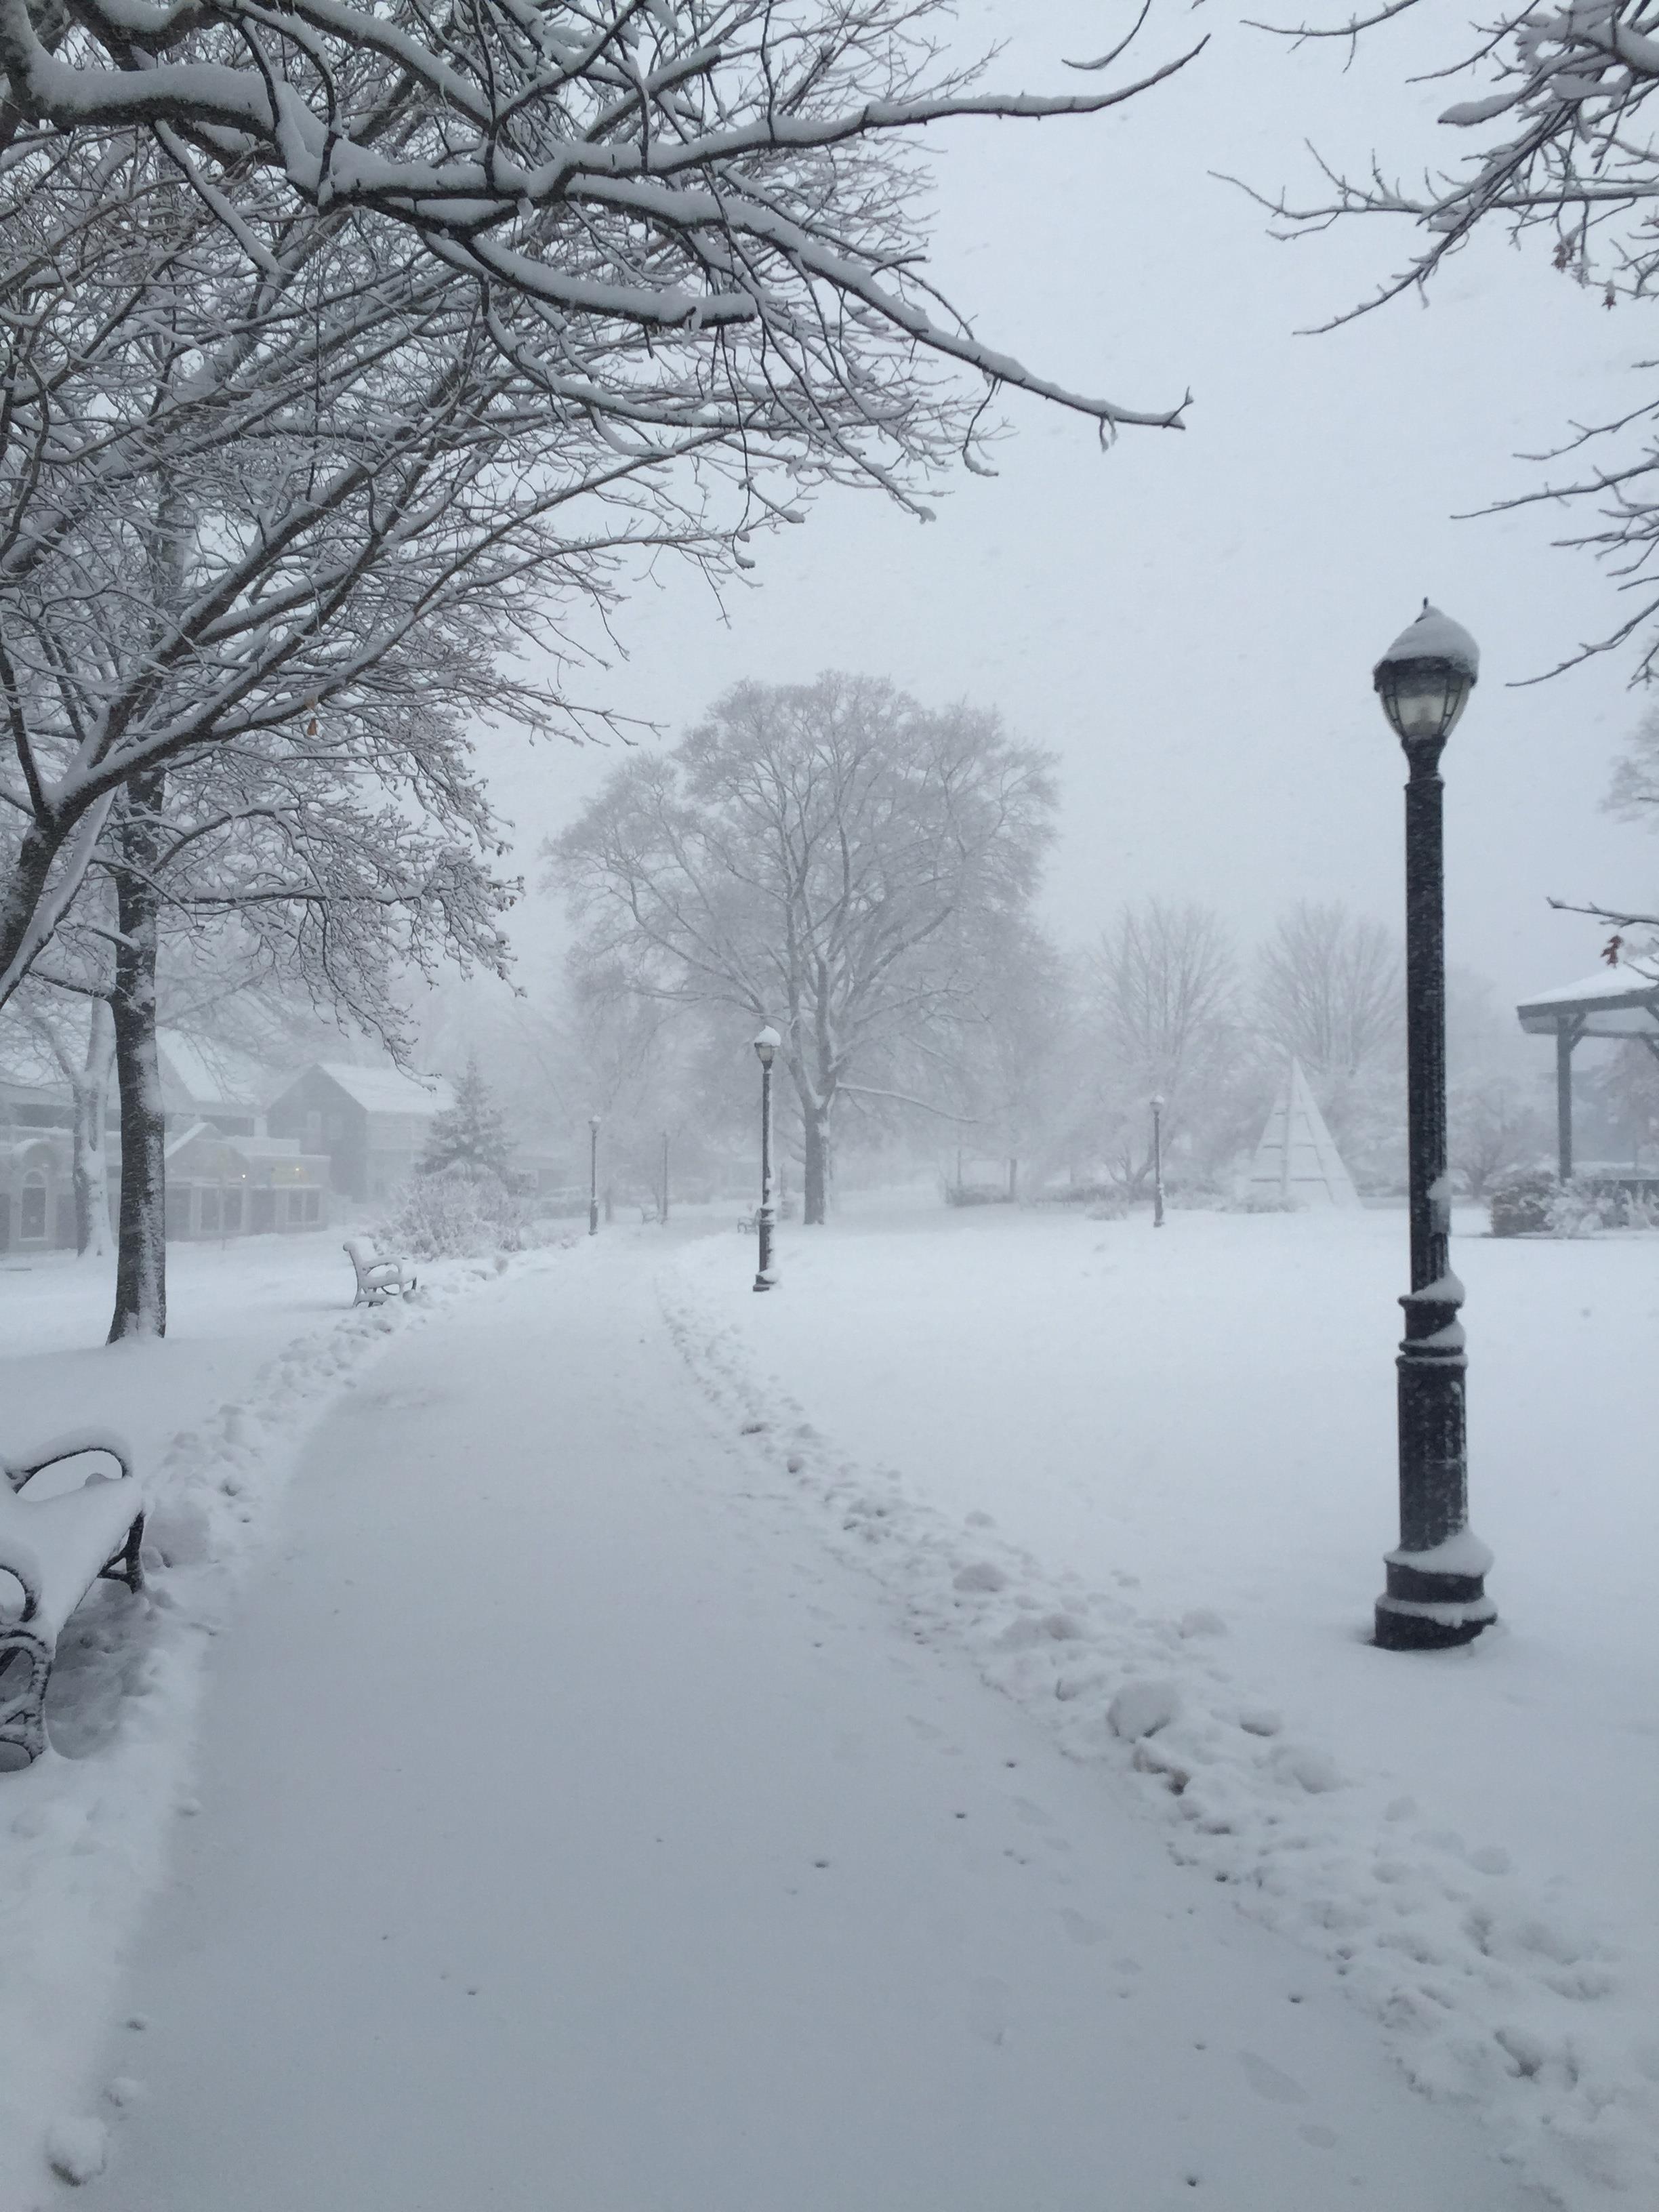 Bar Harbor Village Green in Winter